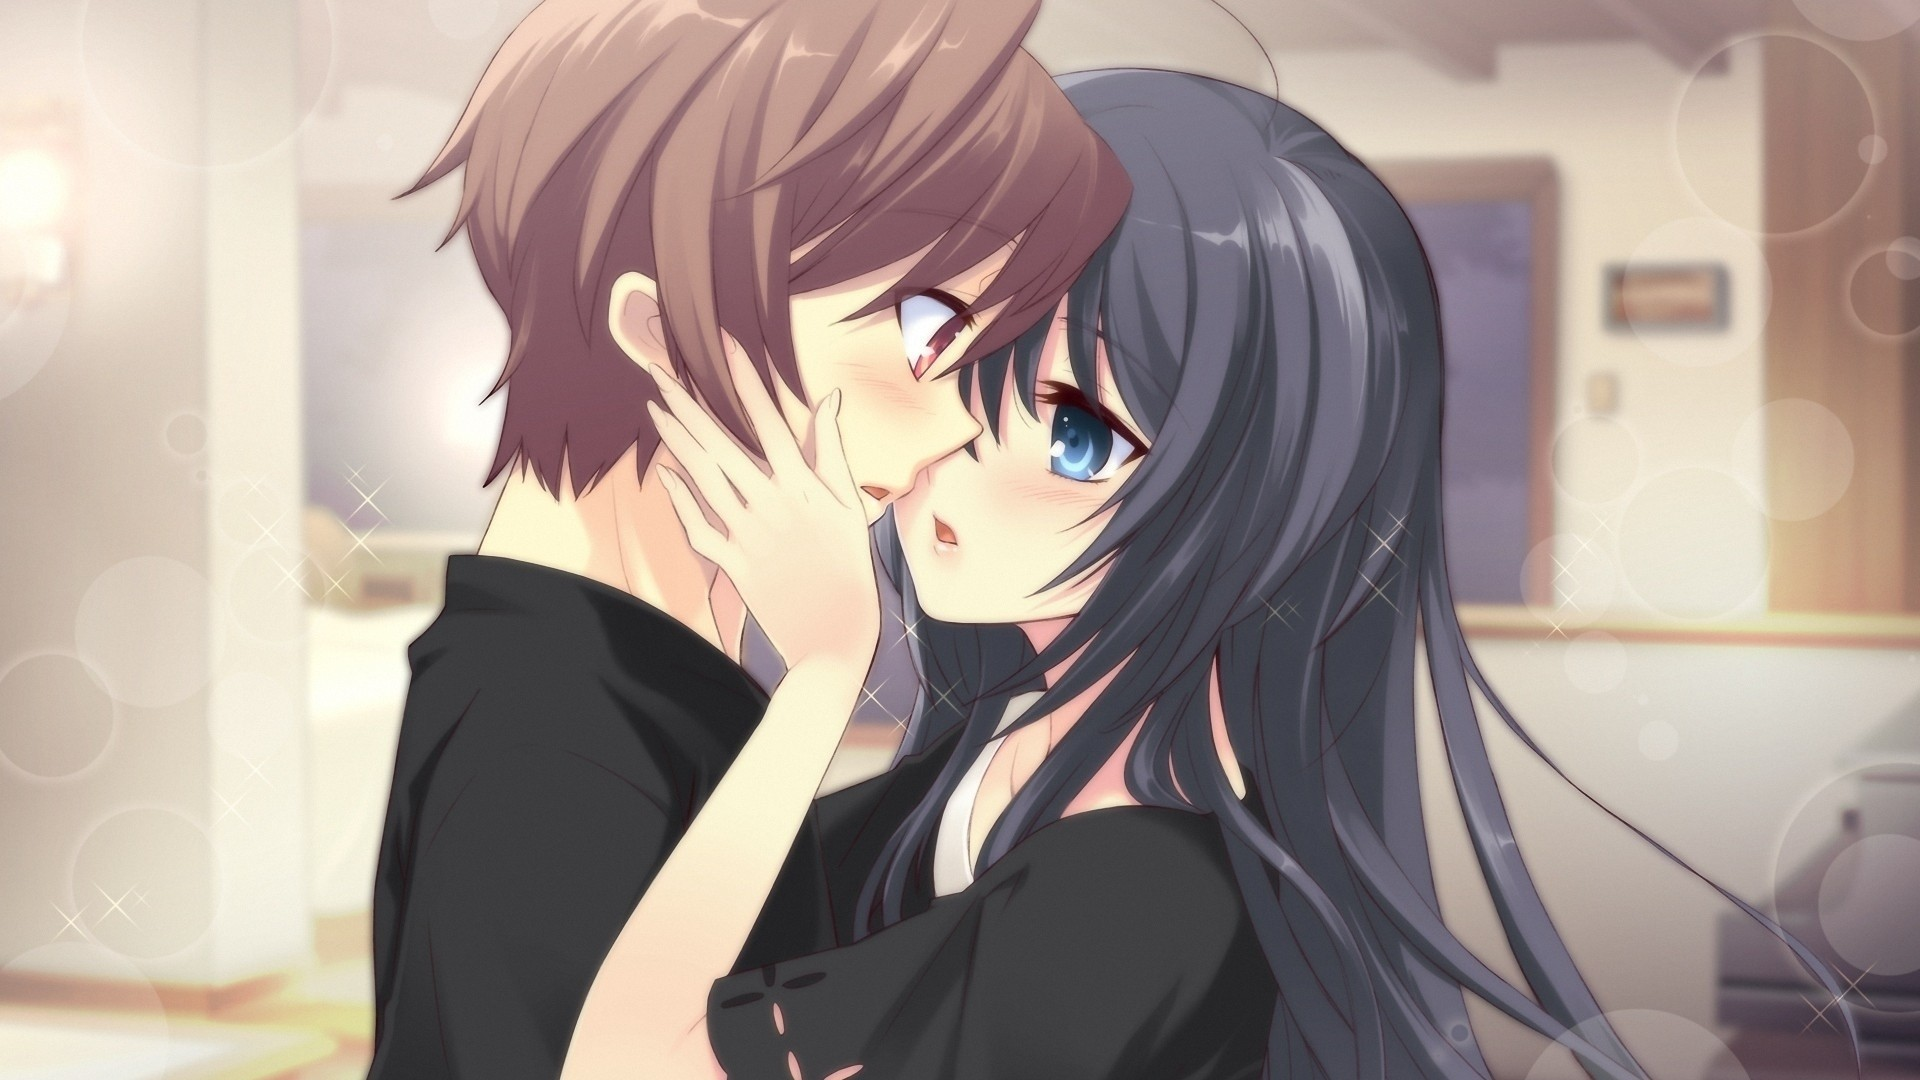 Preview wallpaper anime, boy, girl, tenderness, kiss, room 1920×1080